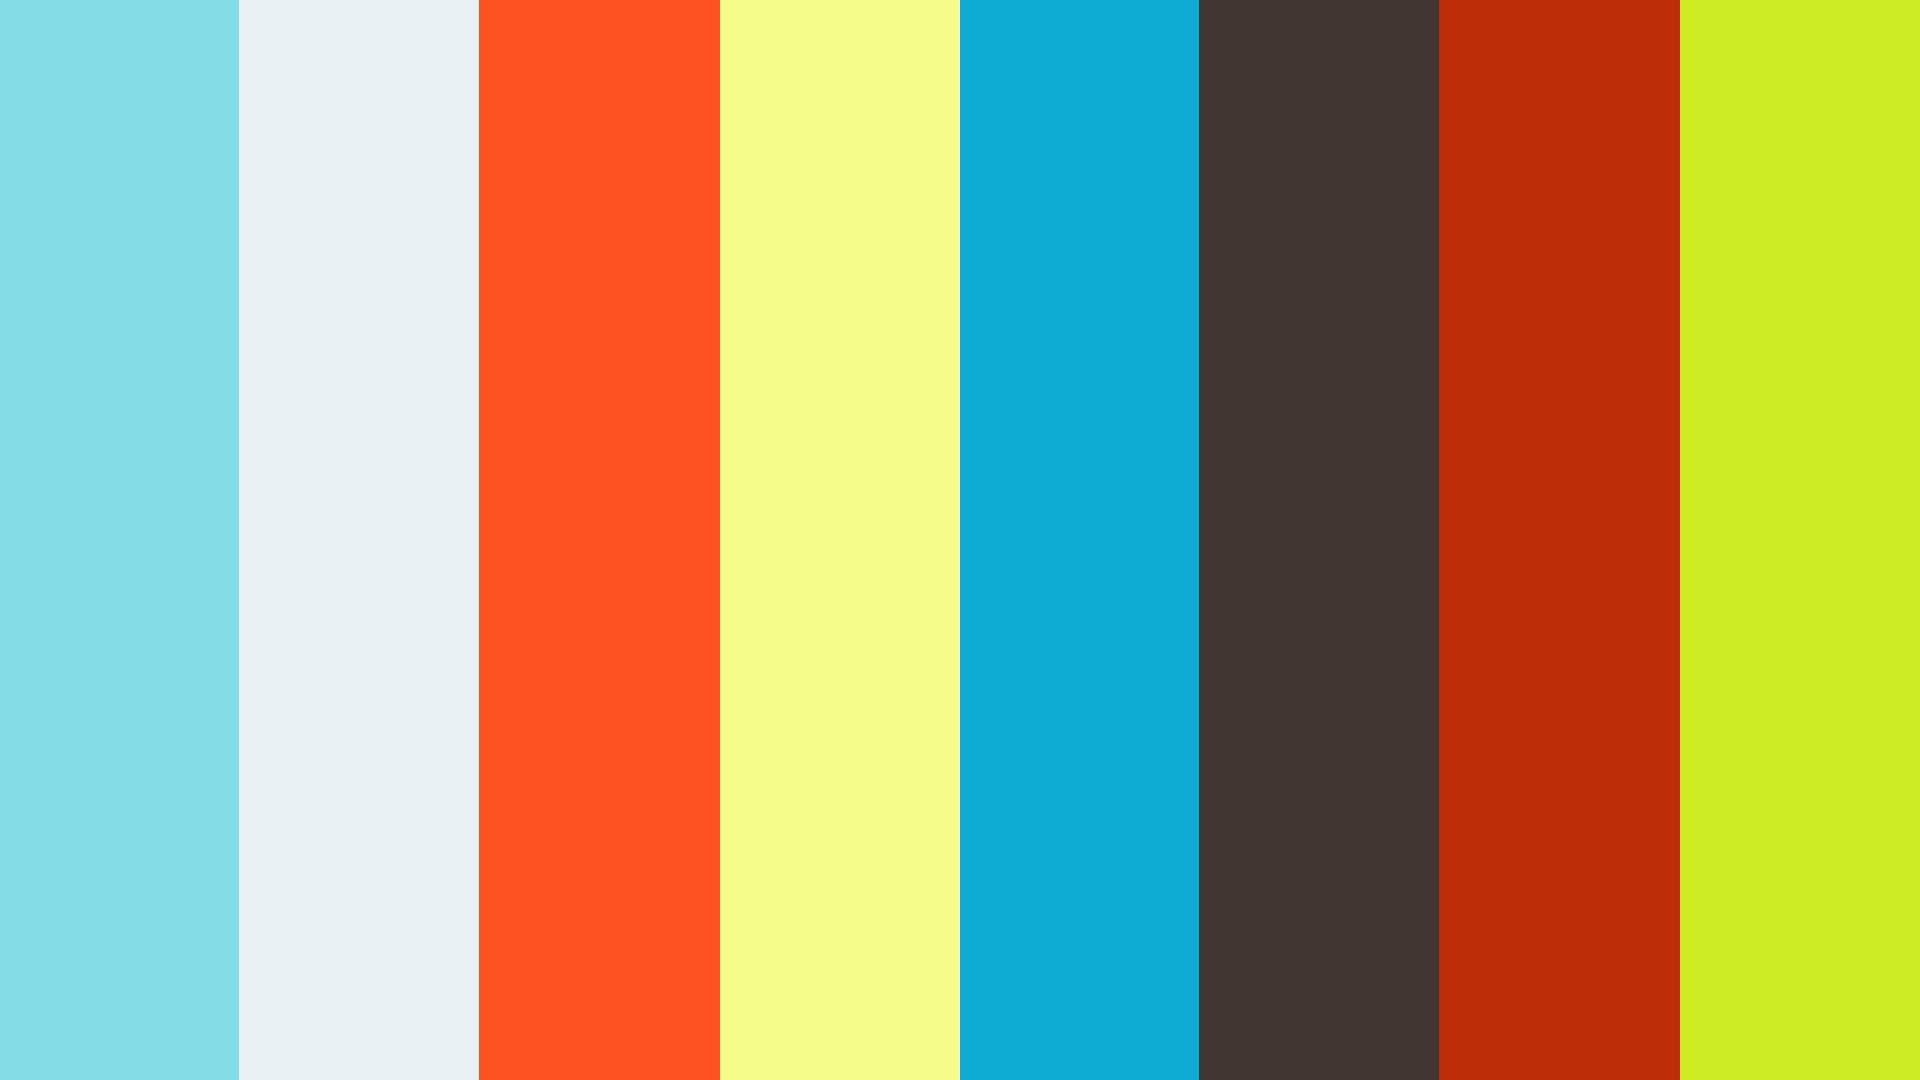 Watch DV MISSION 2012 - Tangshen Grogren on our Free Roku Channel